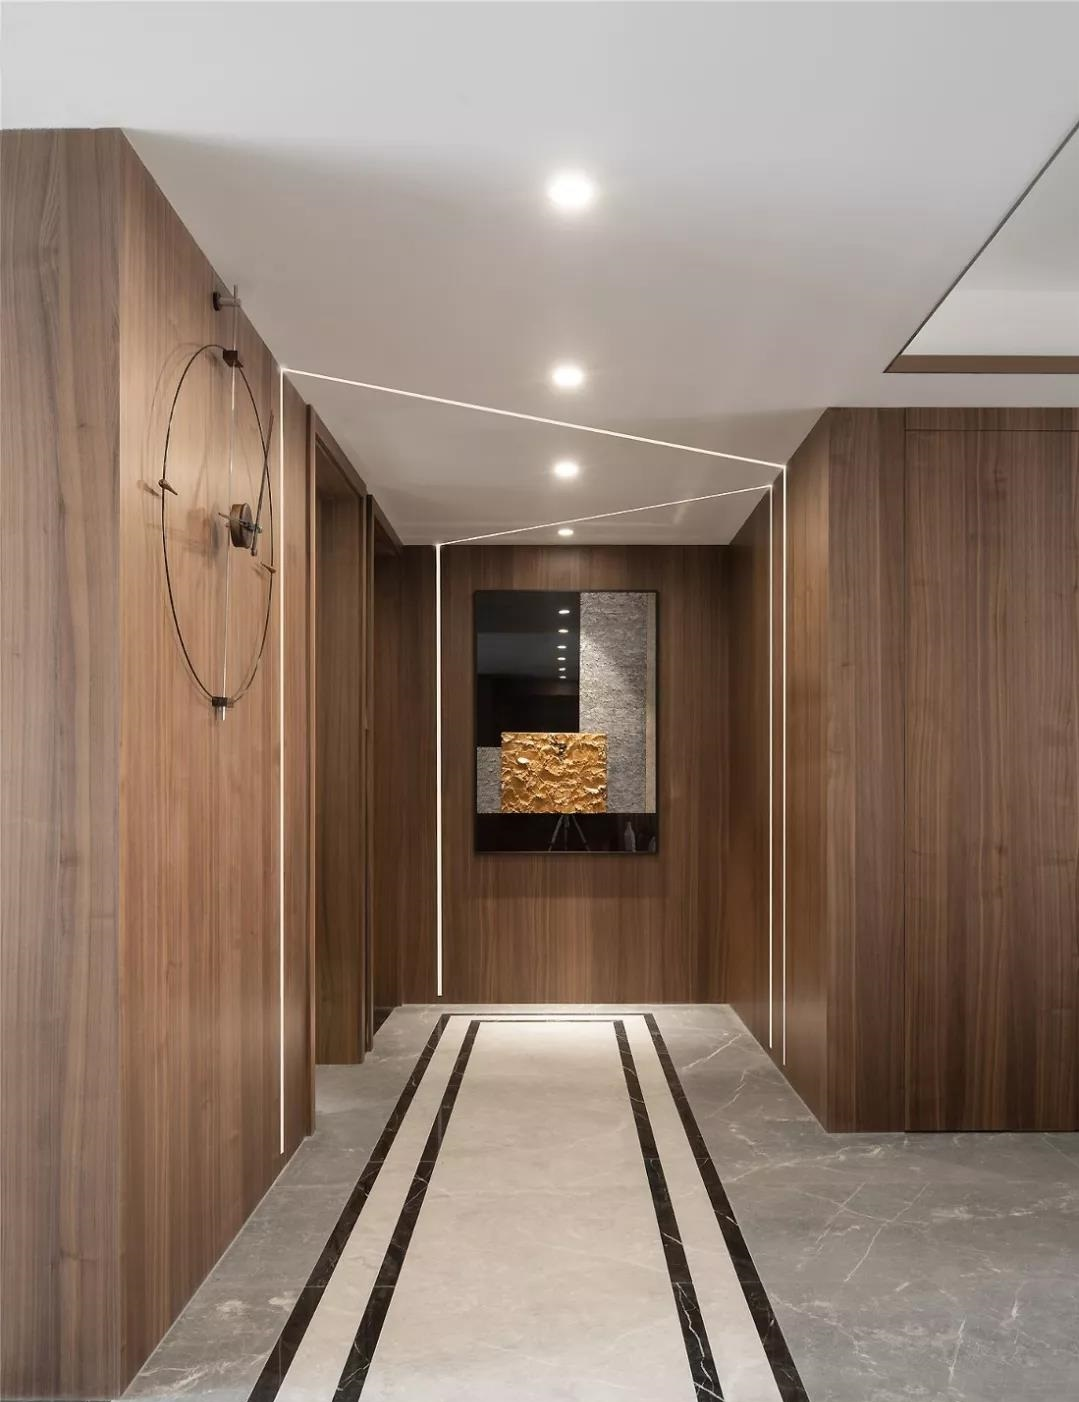 绵阳设计师打造海赋长兴现代装修风格,你喜欢吗